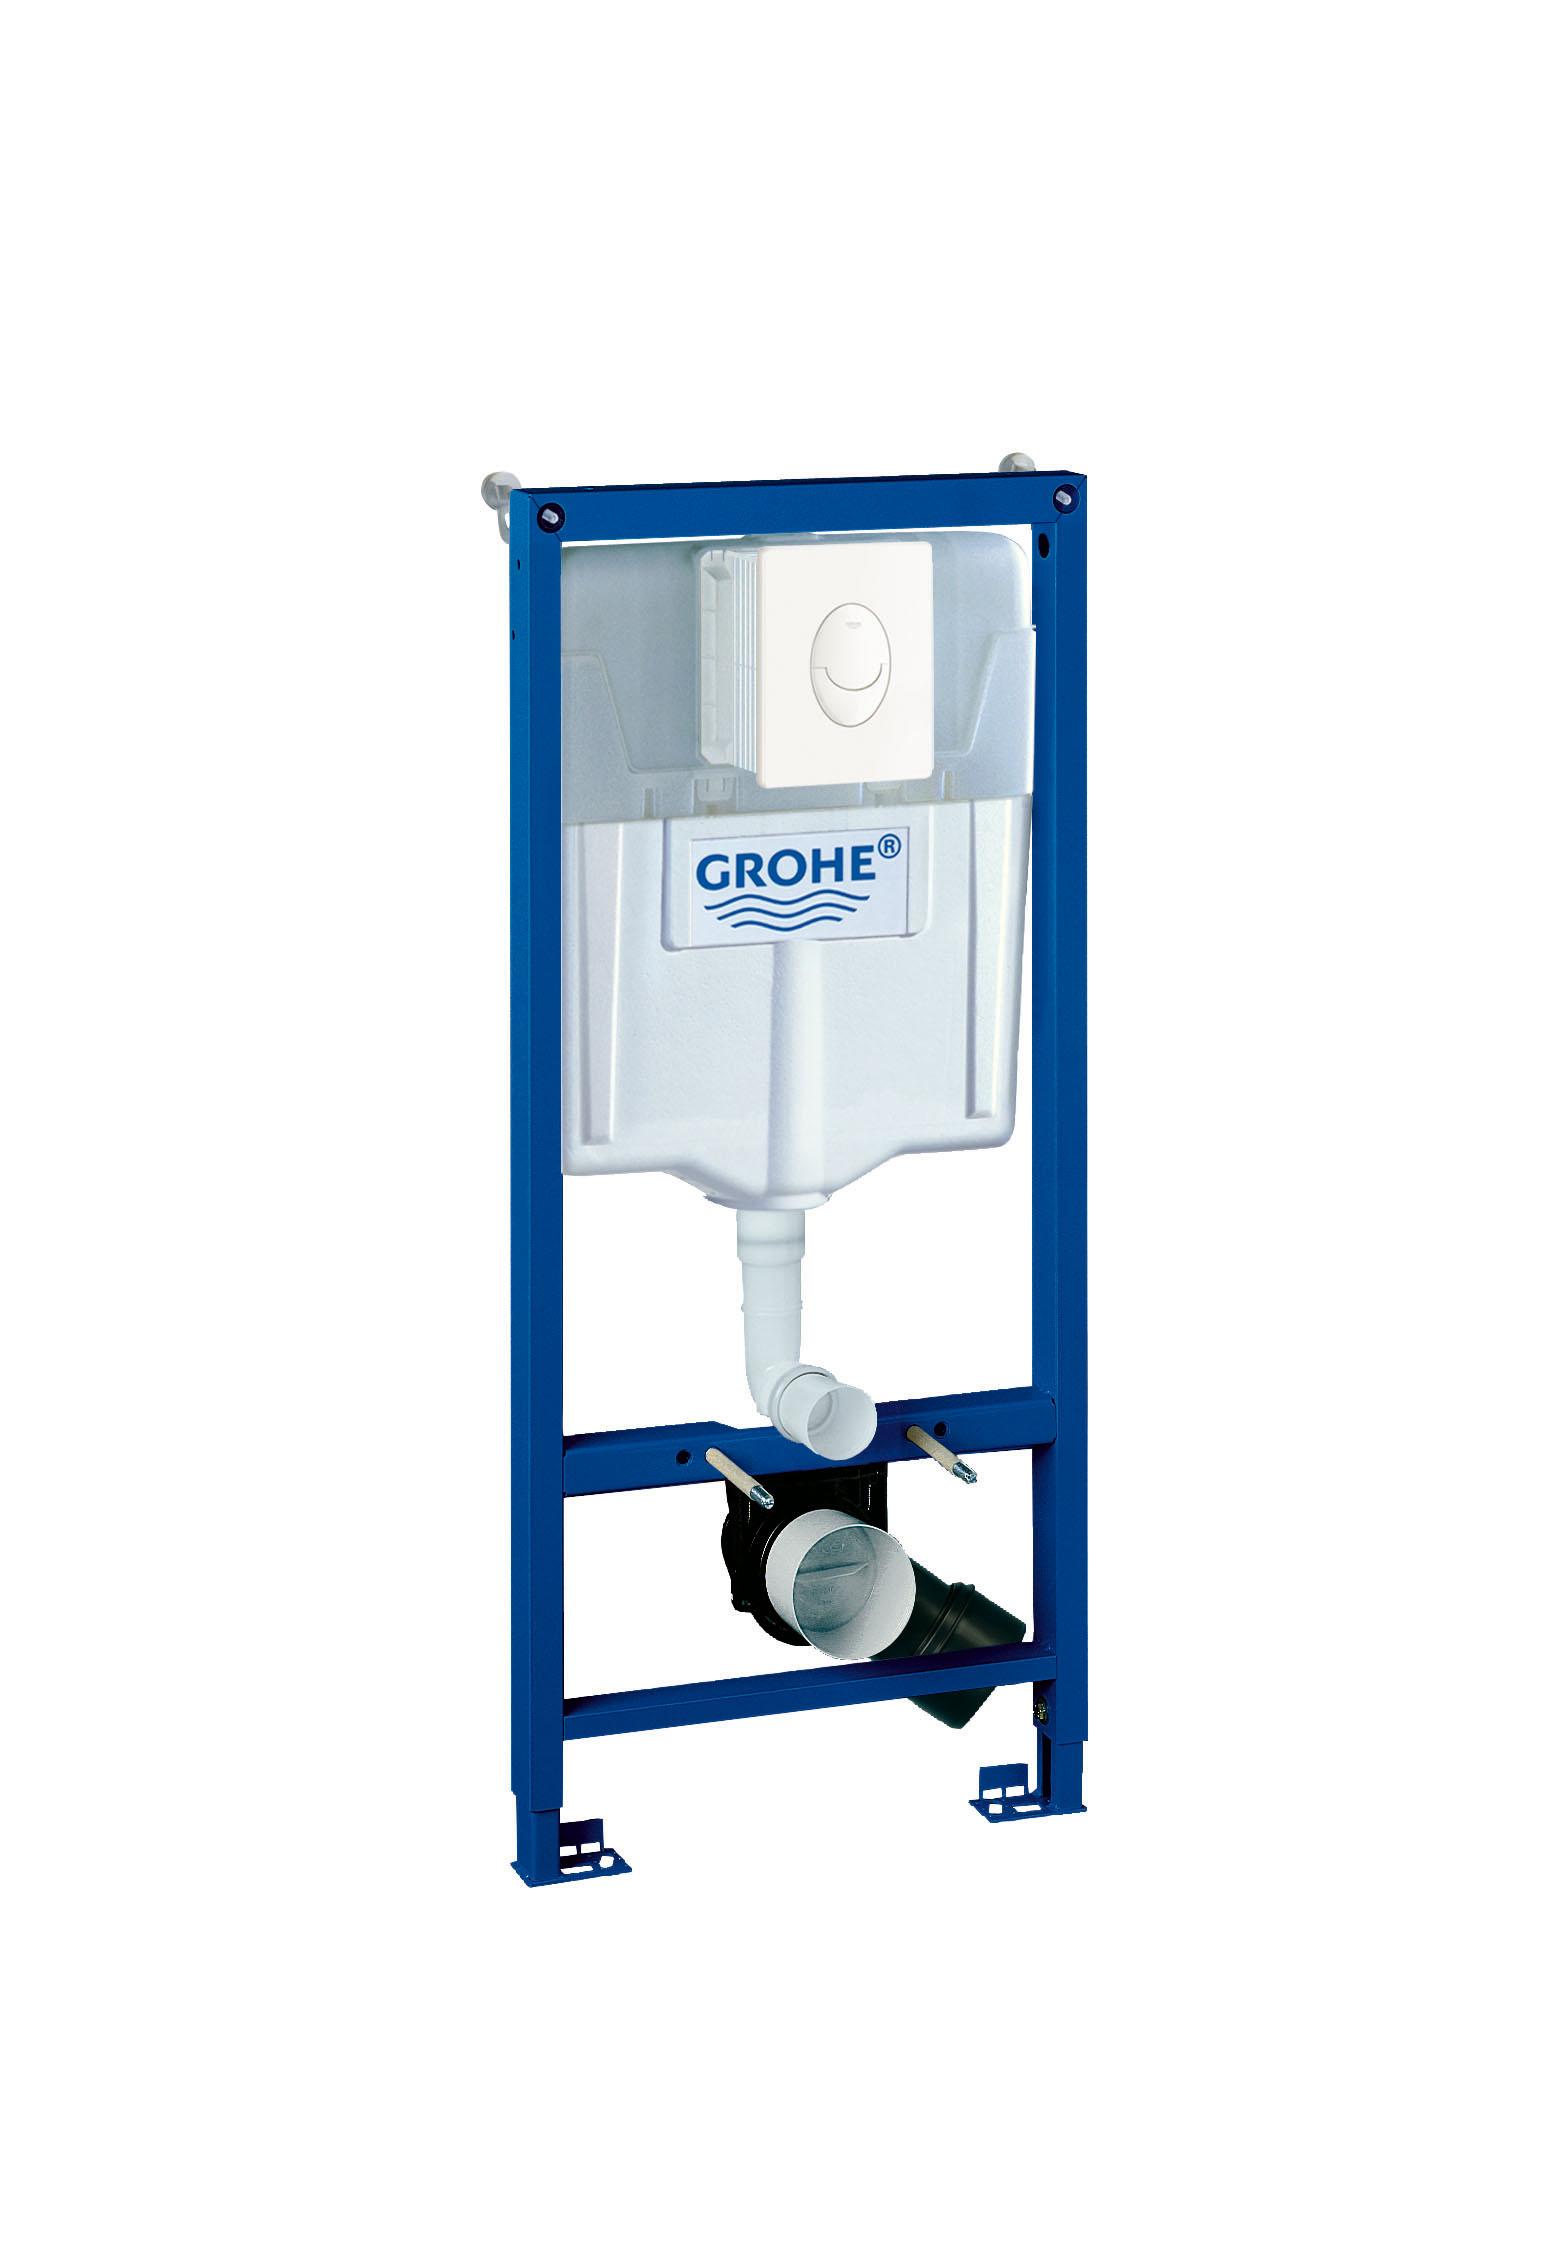 Инсталляция для унитаза Grohe Rapid sl 38722001 инсталляция grohe rapid sl для унитаза 38528001